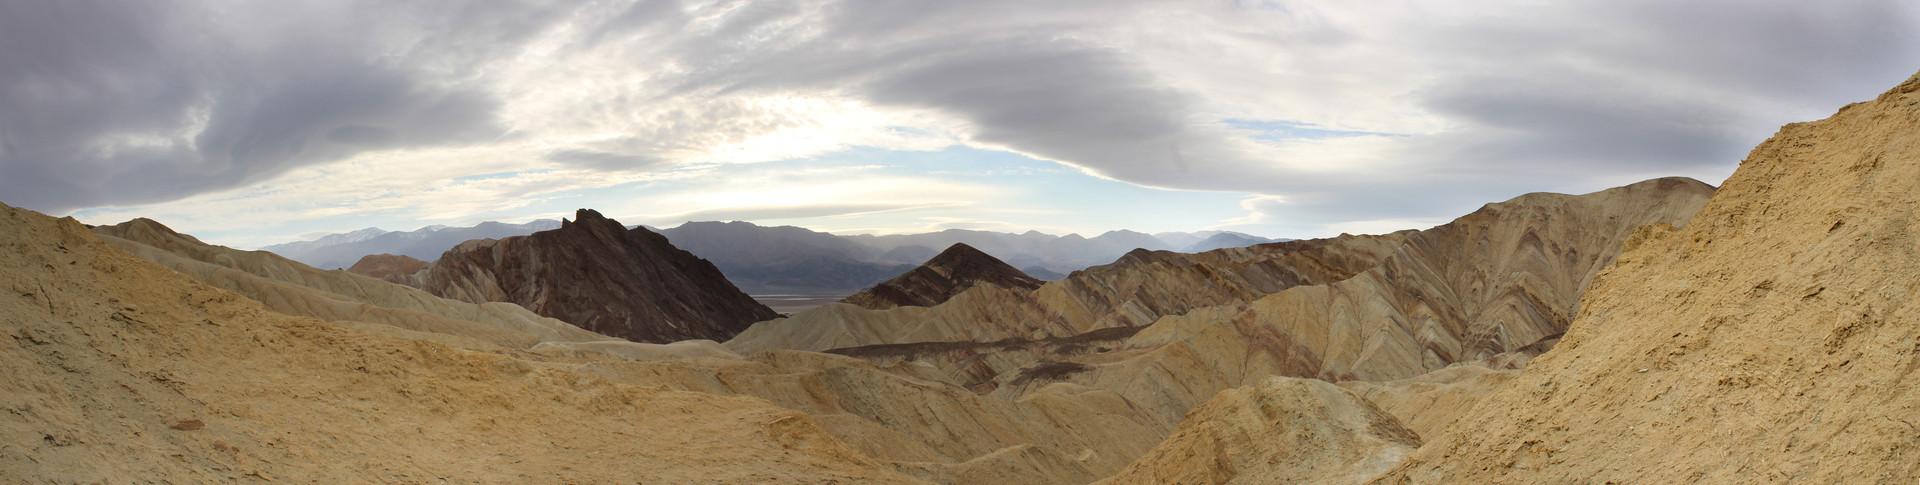 Golden Canyon. California, USA  1